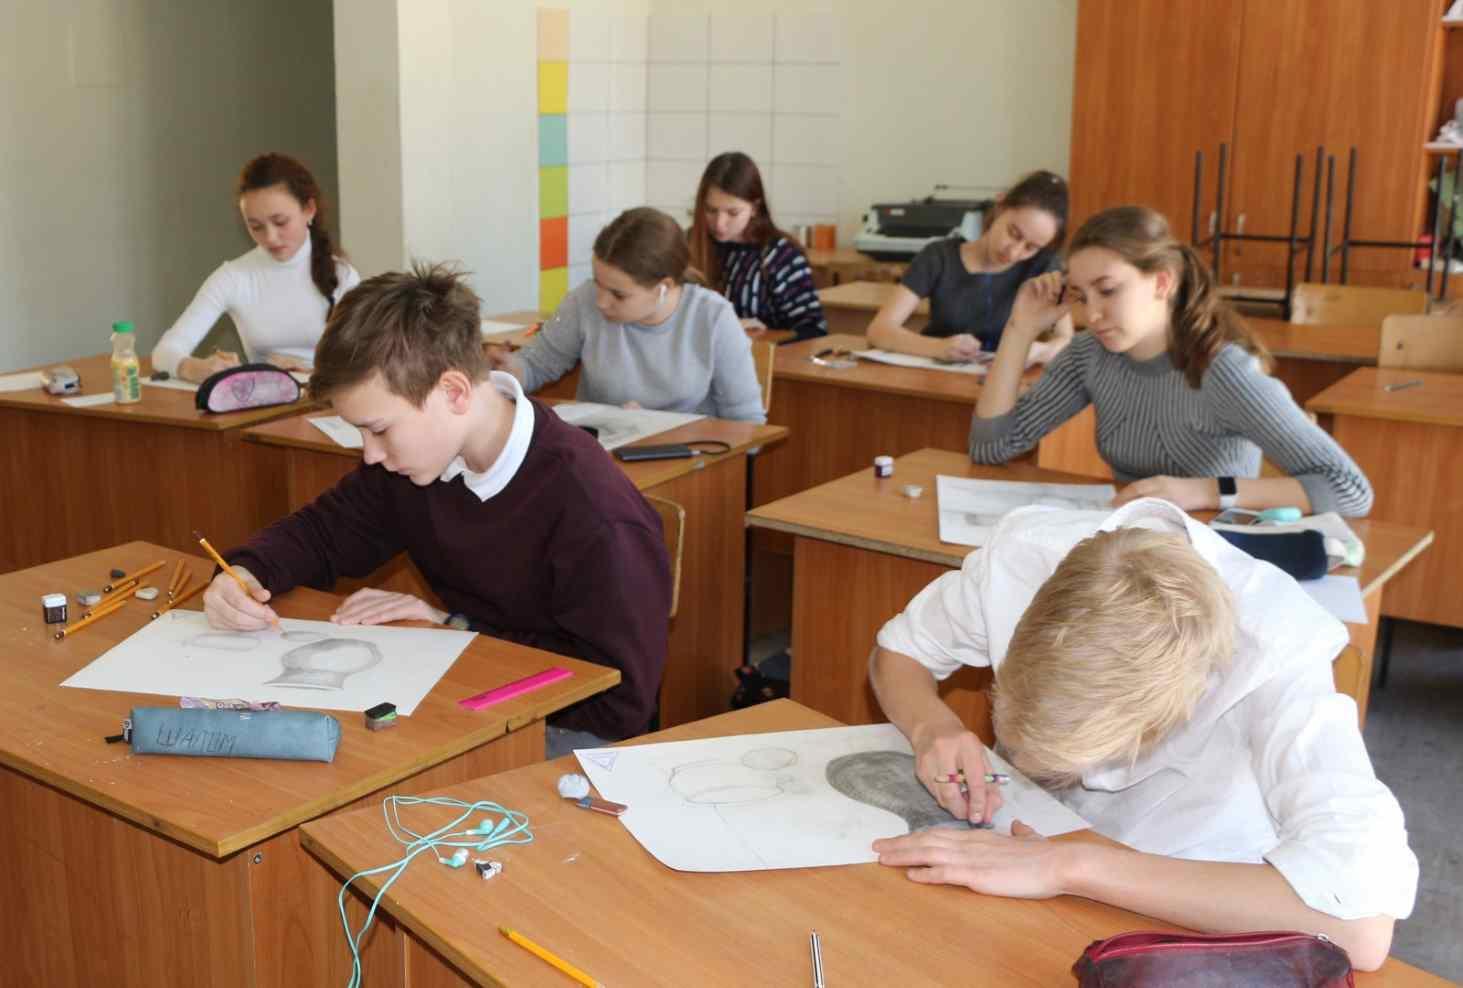 Межшкольный факультатив как форма работы с одарёнными детьми по подготовке к олимпиадам по русскому языку